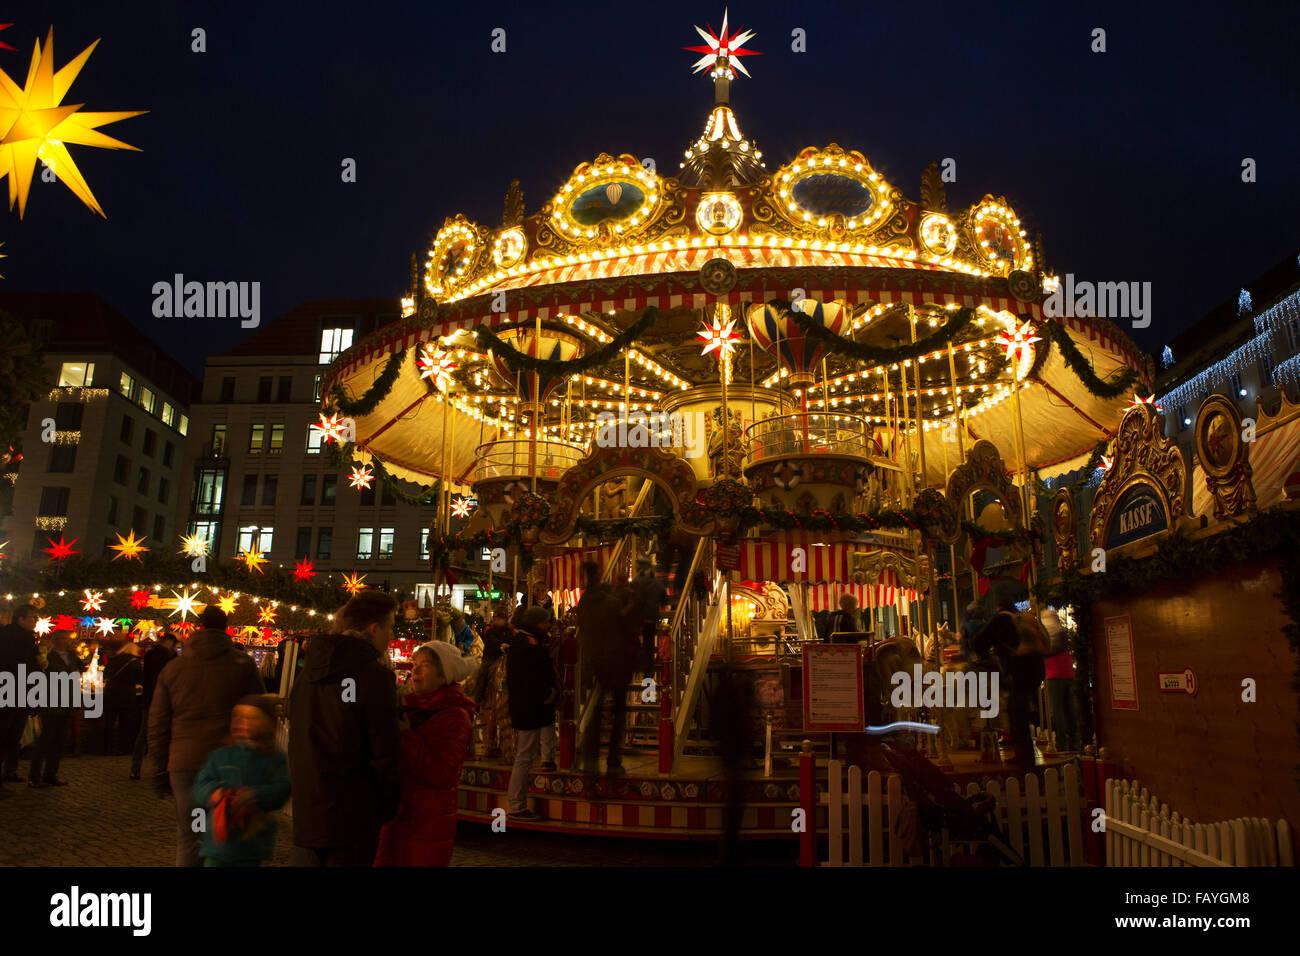 Weihnachtsmarkt In Dresden.Ein Karussell Auf Dem Striezelmarkt Weihnachtsmarkt In Dresden